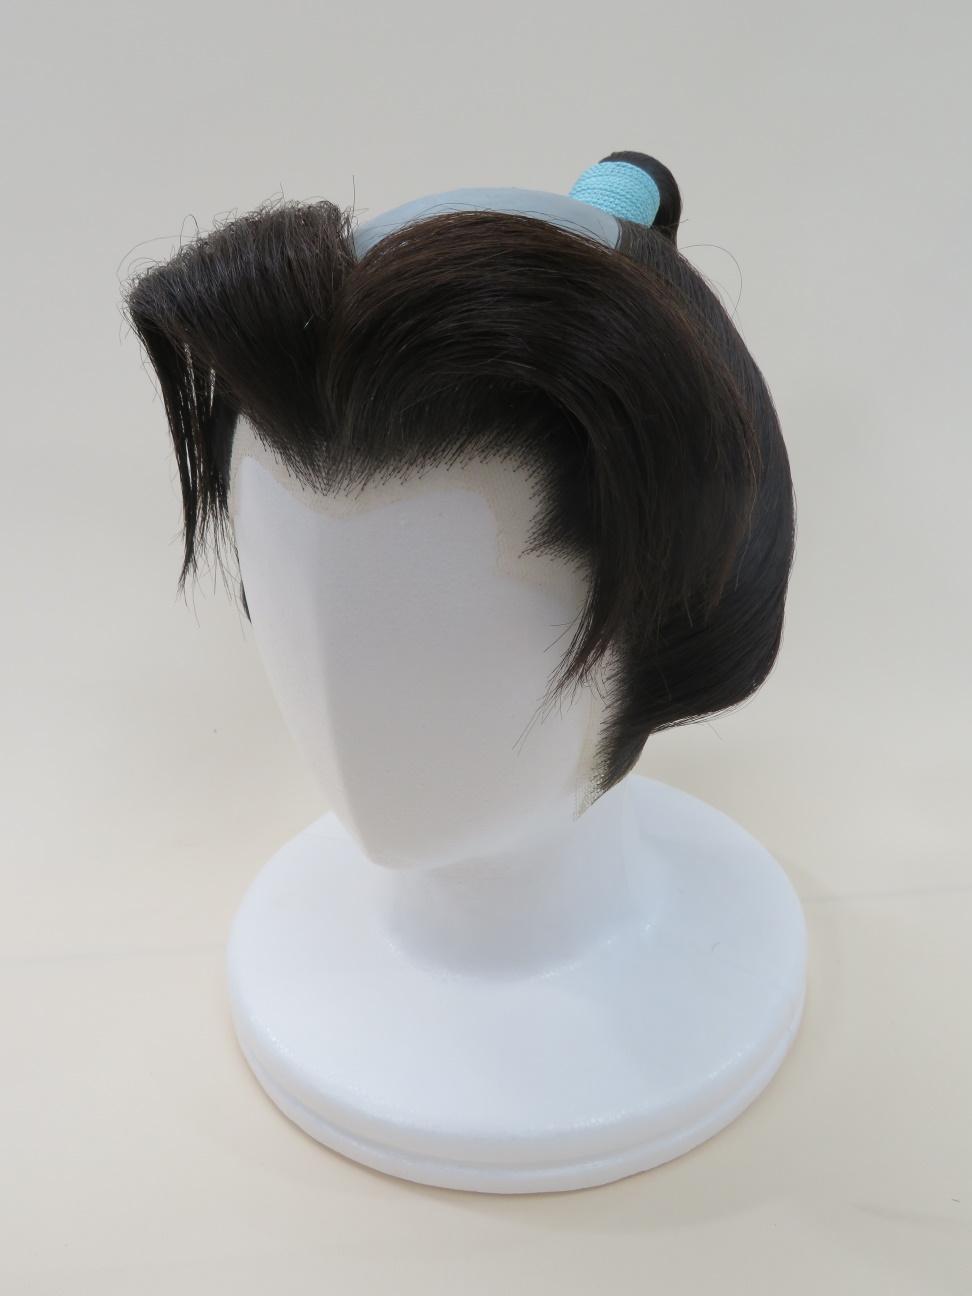 16.前髪(振り分け茶筅)1